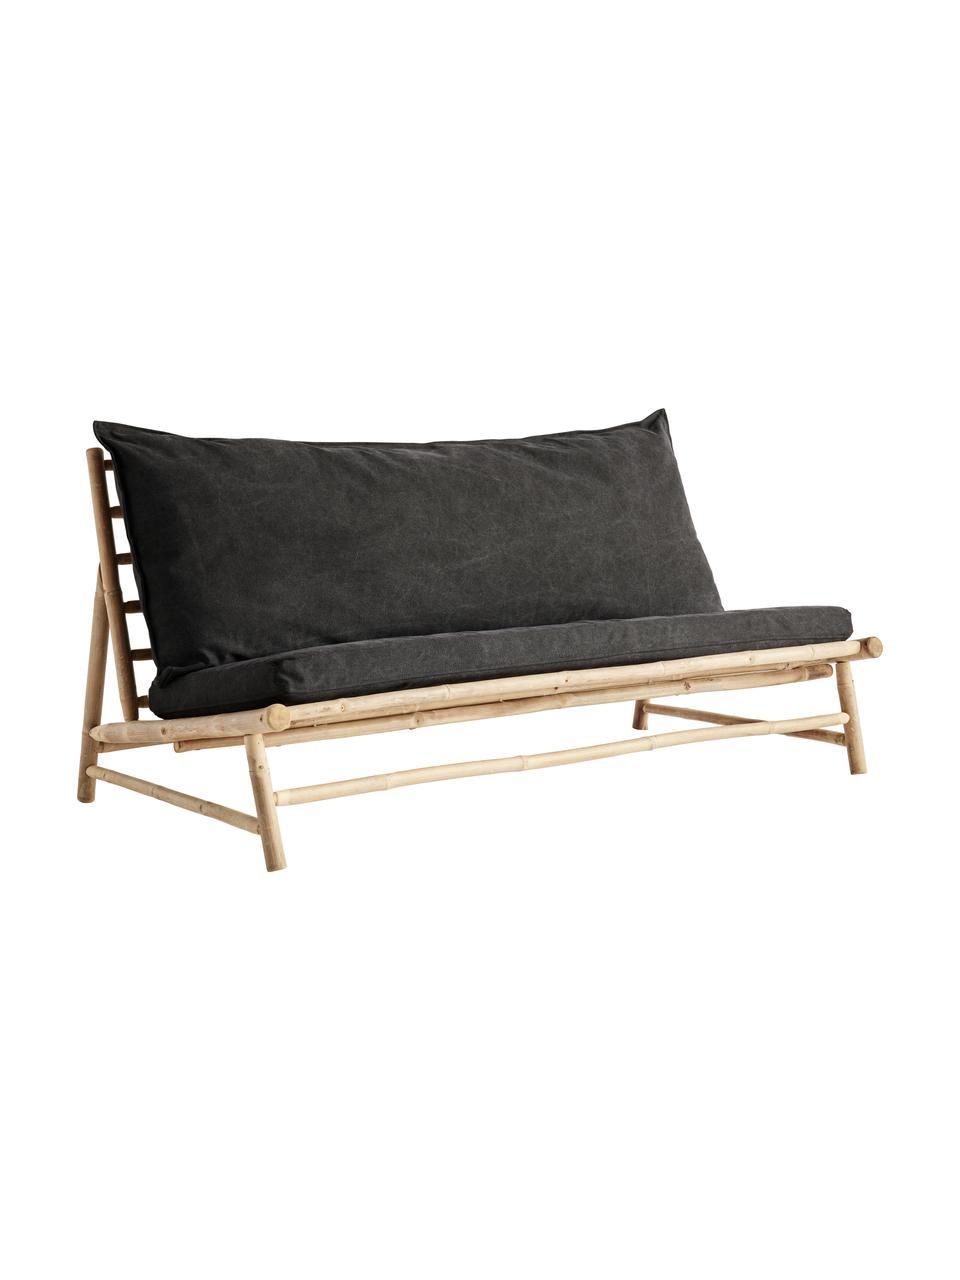 Canapé lounge en bambou avec matelas rembourré Bamslow, Gris foncé, brun